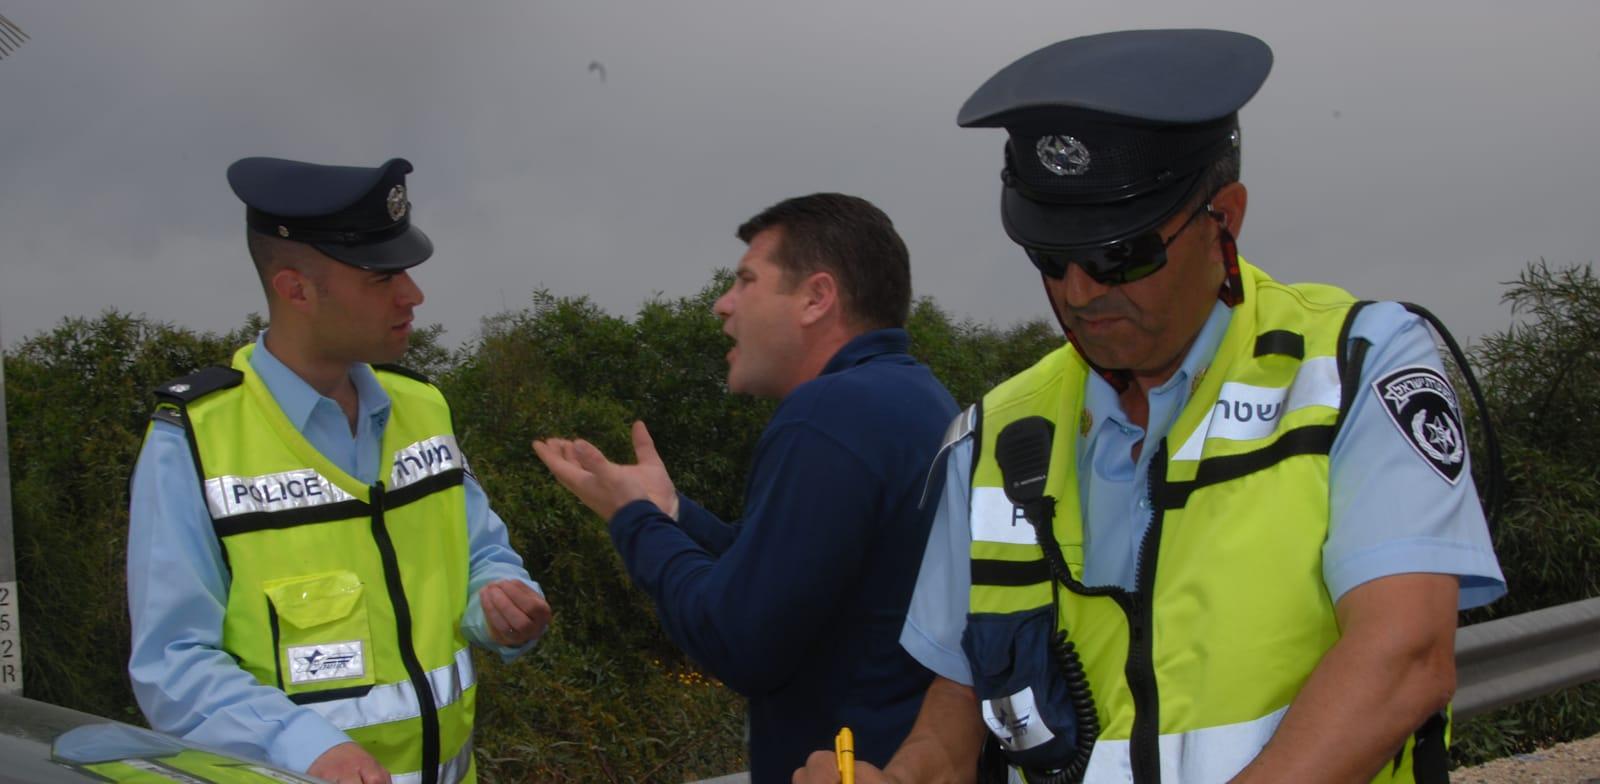 שוטרים / צילום: אייל פישר